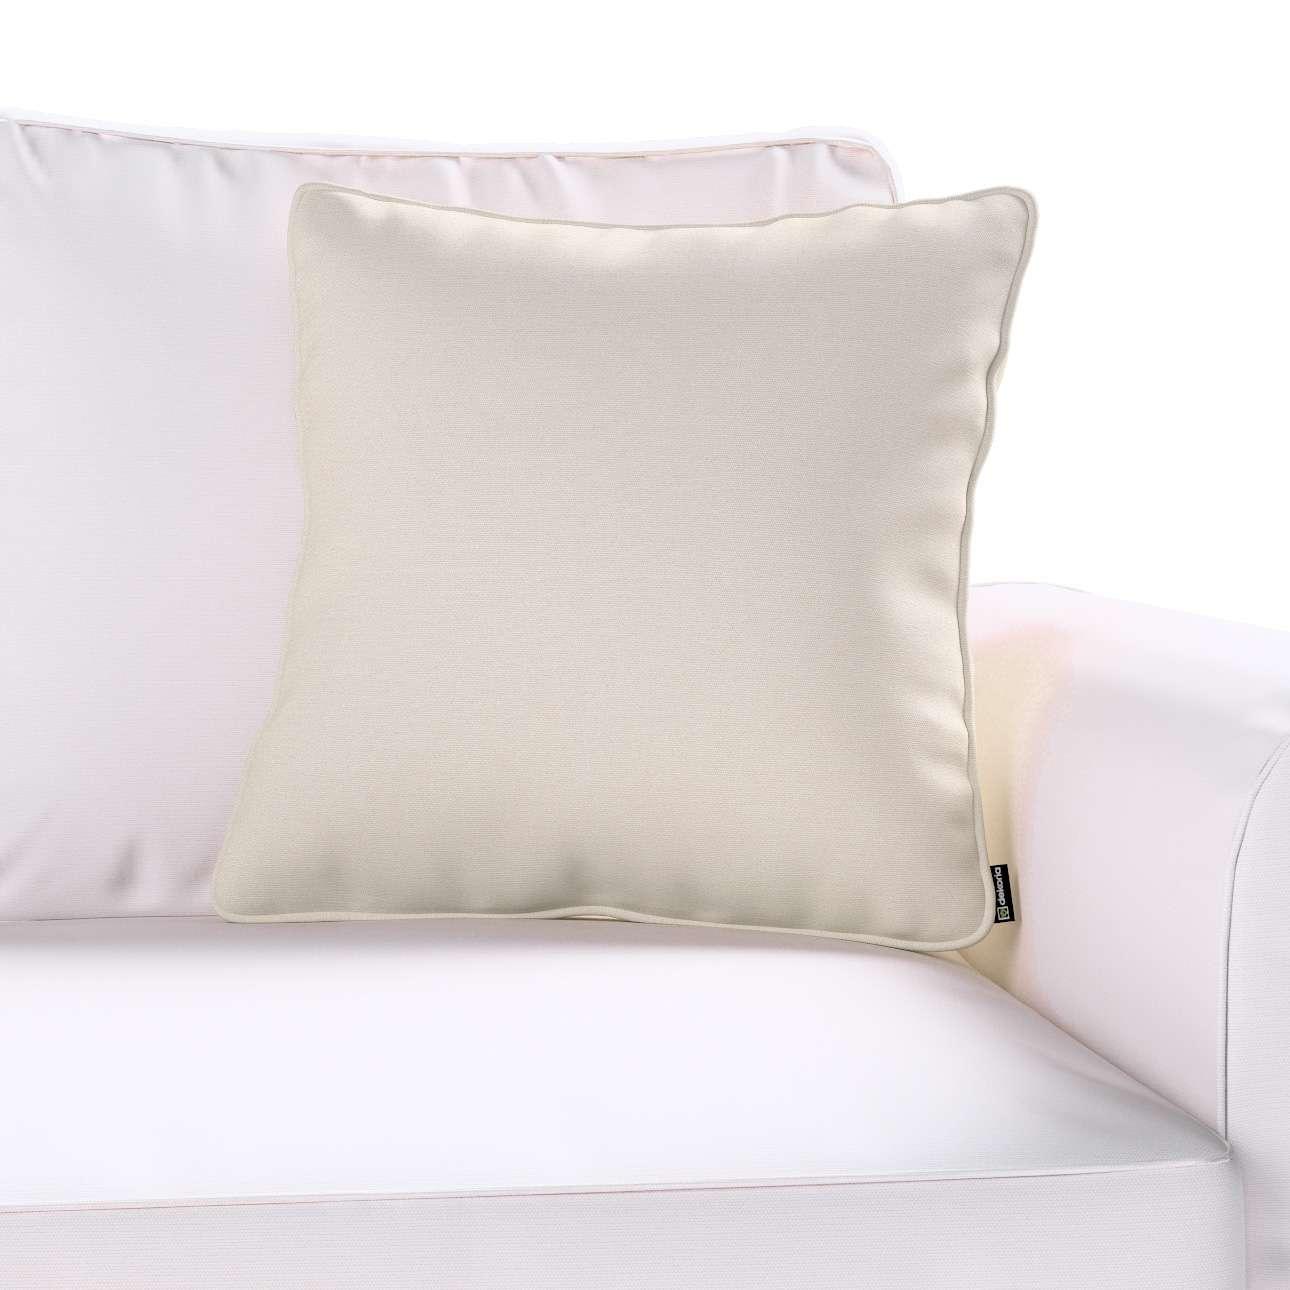 Poszewka Gabi na poduszkę 45 x 45 cm w kolekcji Cotton Panama, tkanina: 702-31